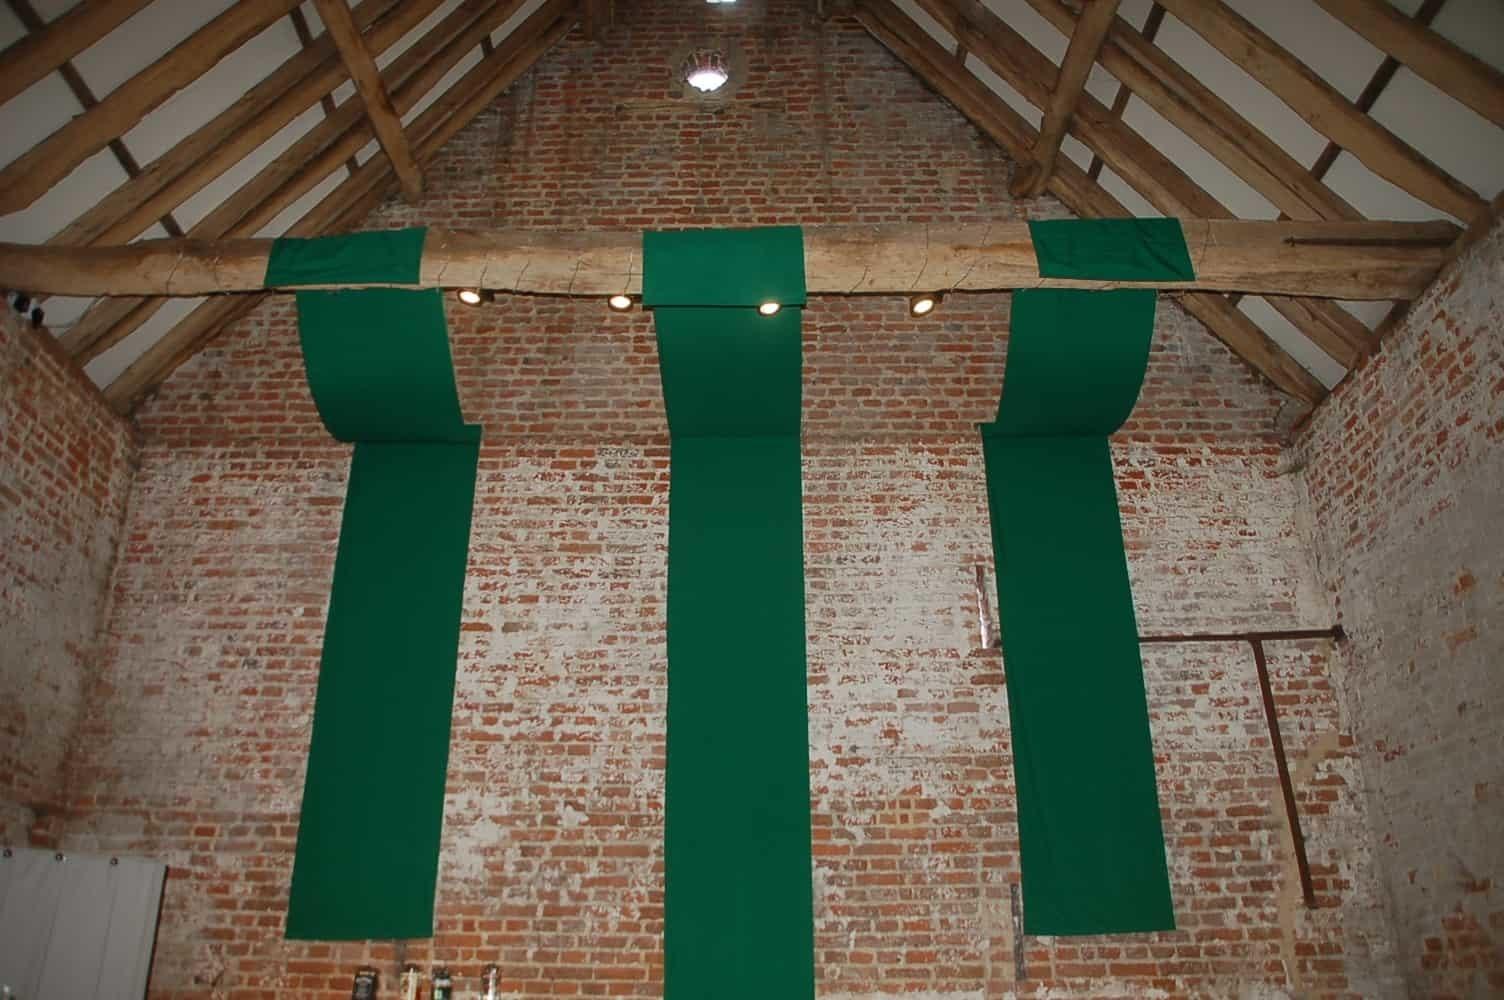 Copdock Hall Dark green banners